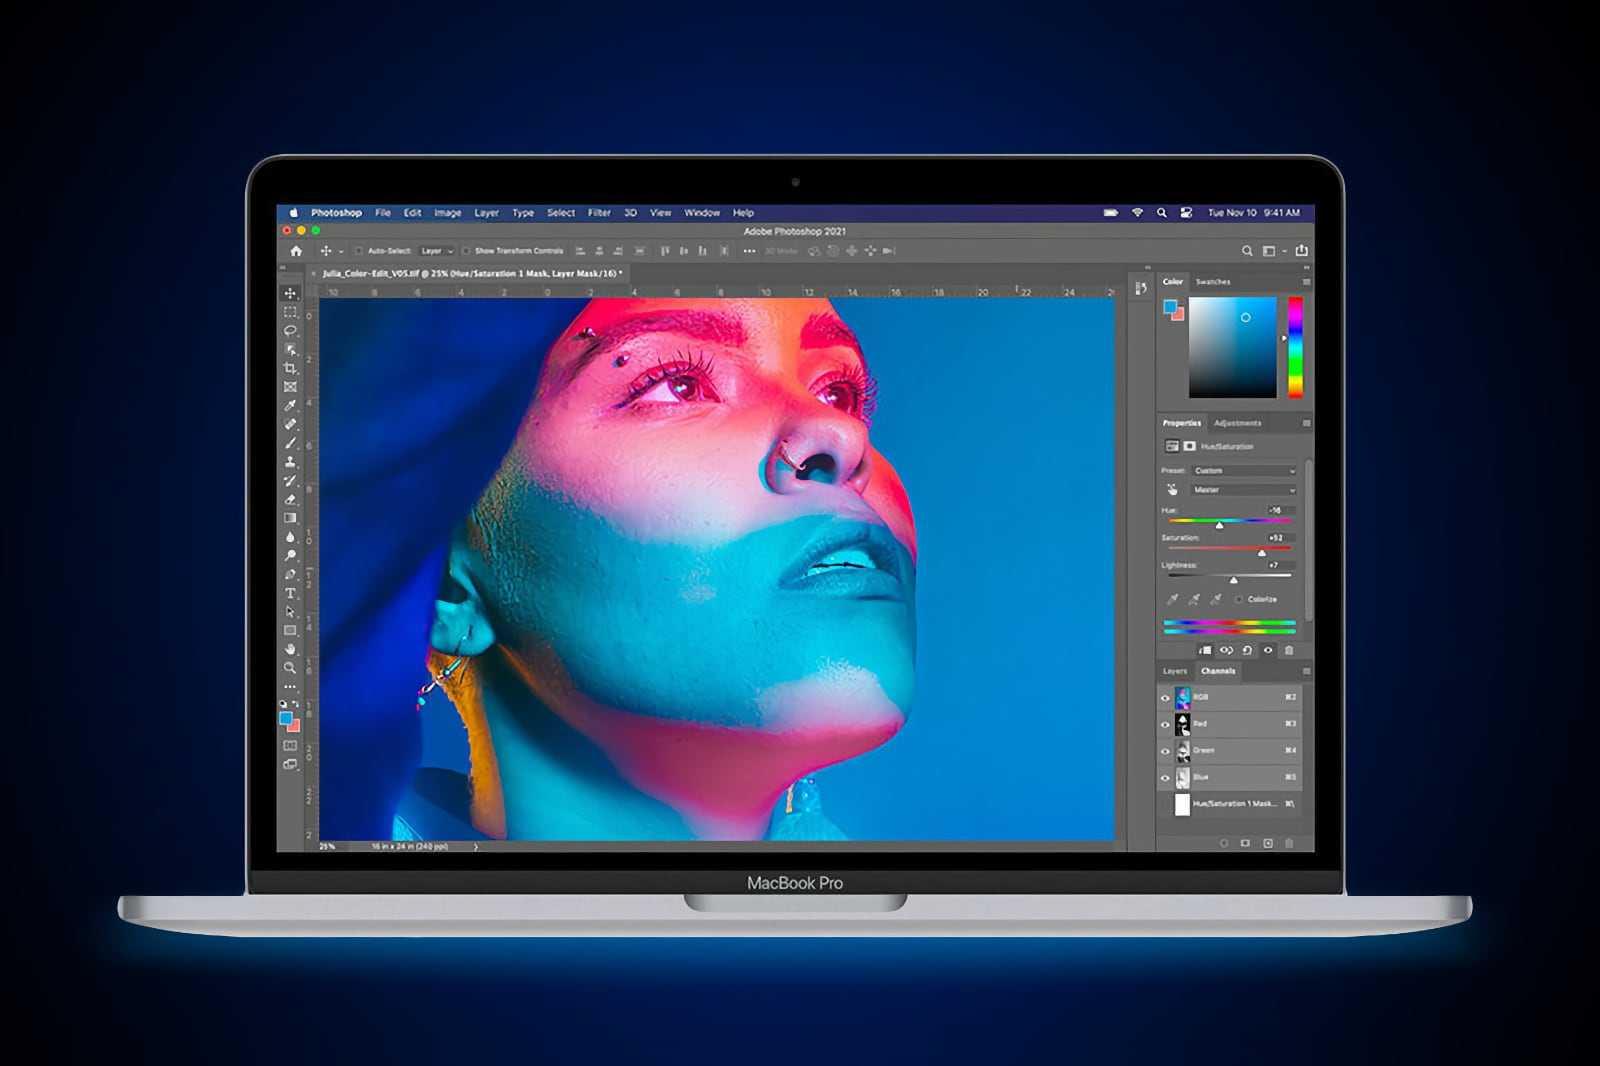 Значительное обновление приложений под Mac с M1: DaVinci Resolve, Adobe Photoshop, Octane X (479359 ijrncilfio mac)